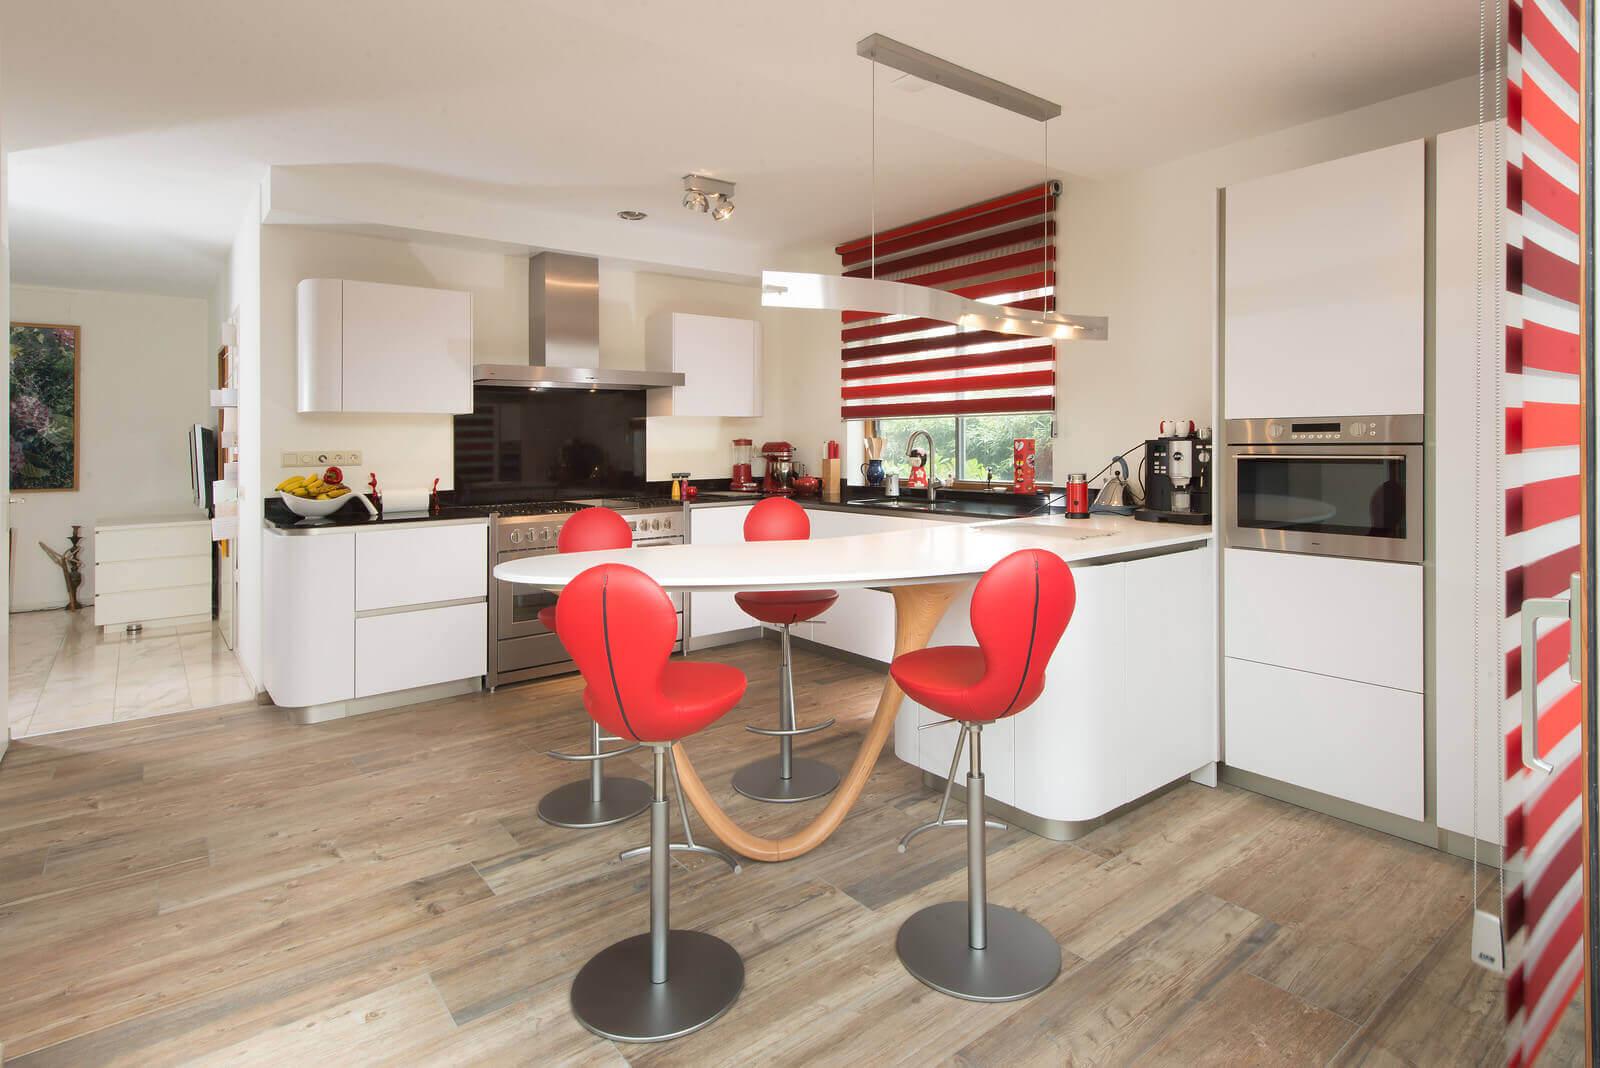 Moderne keukenopstelling van Tieleman Keukens